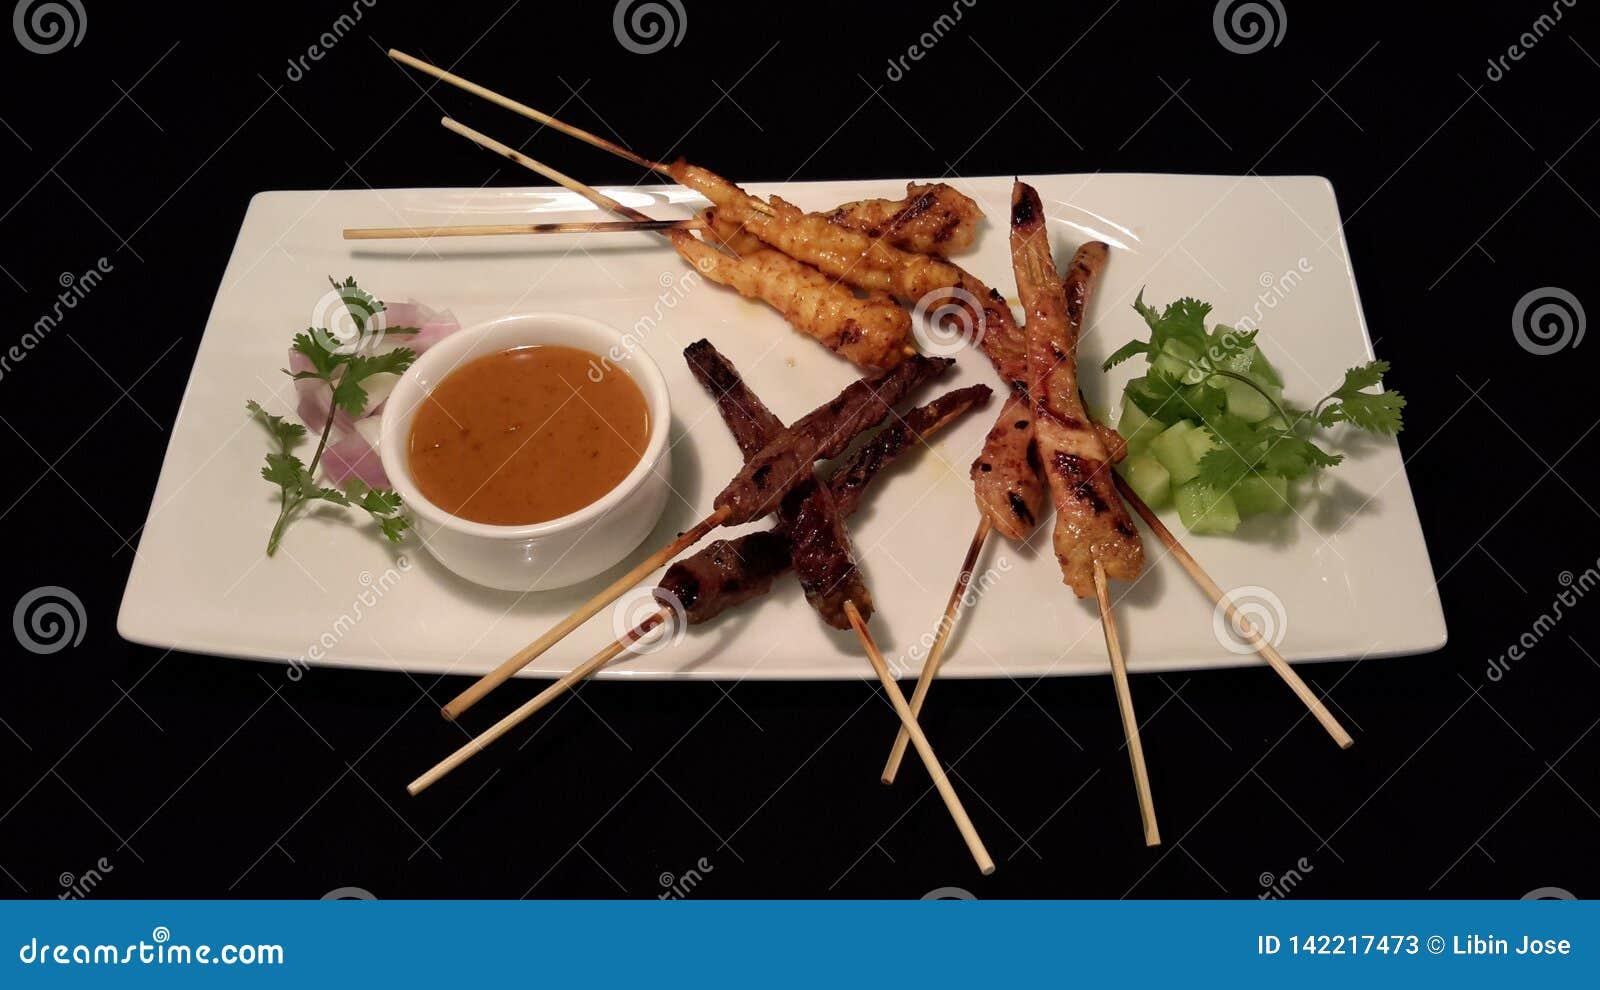 Indonesian satay skewer with dip